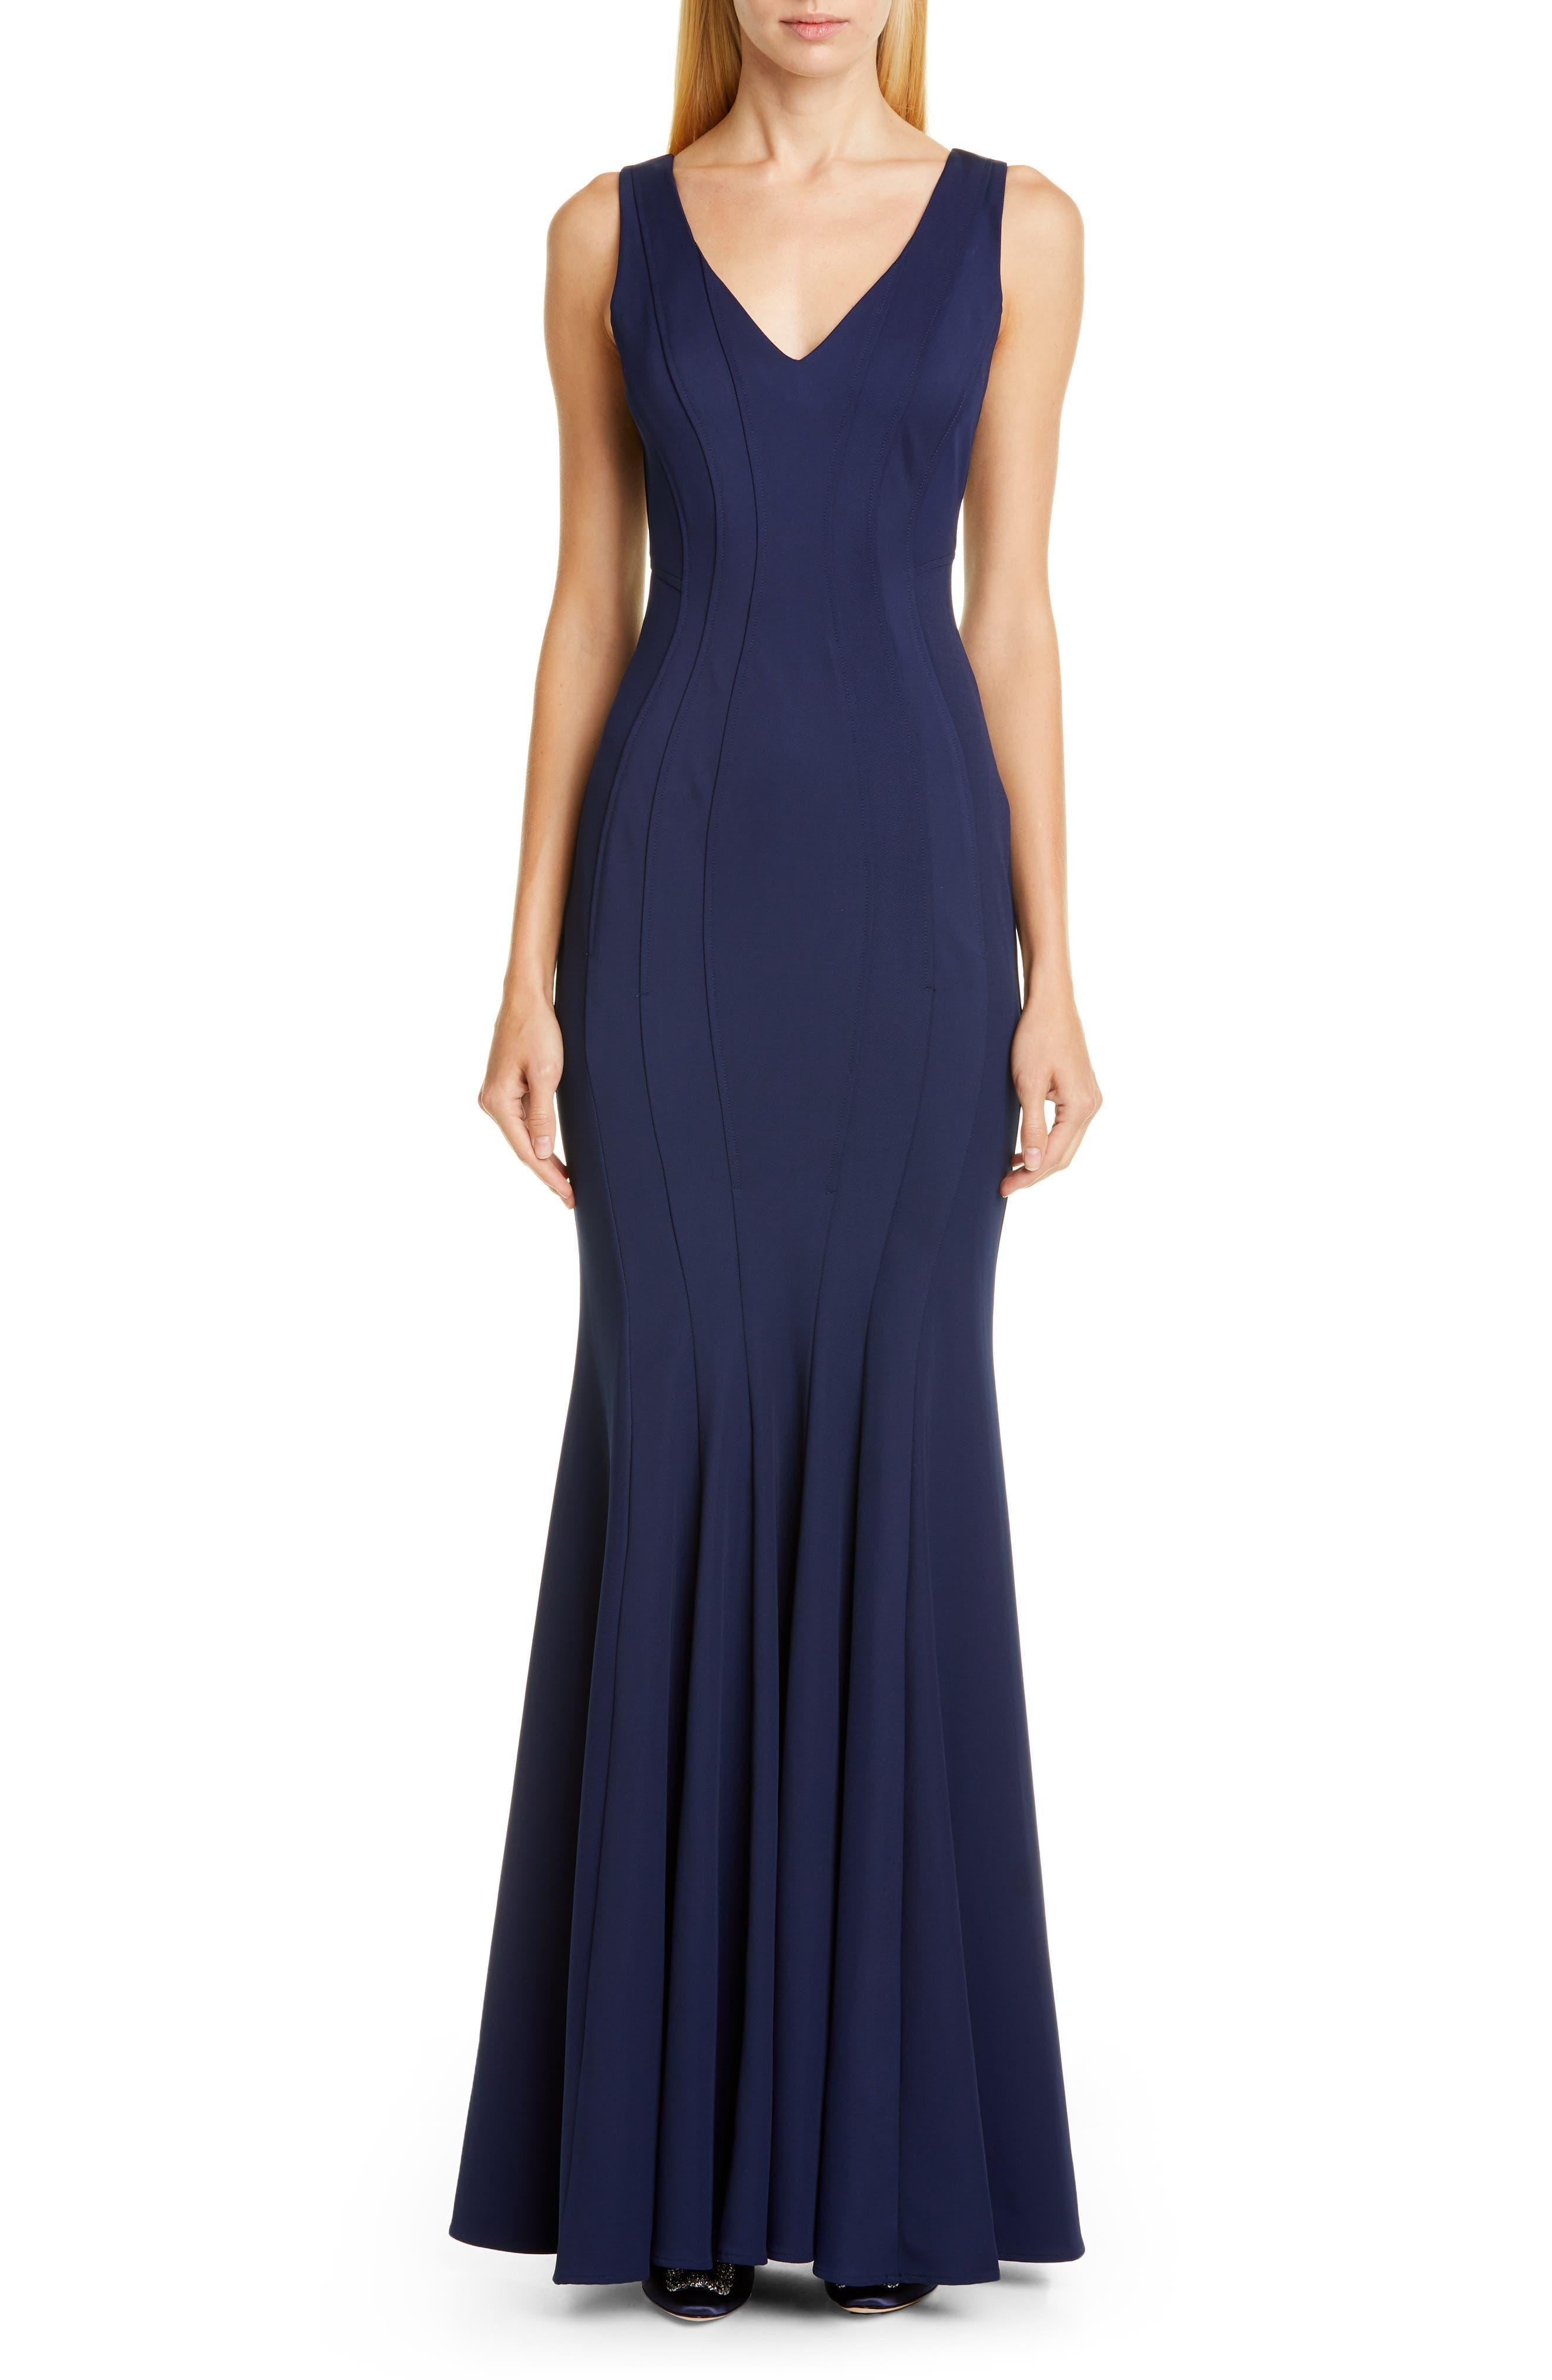 Zac Zac Posen Ronnie Mermaid Gown, Blue